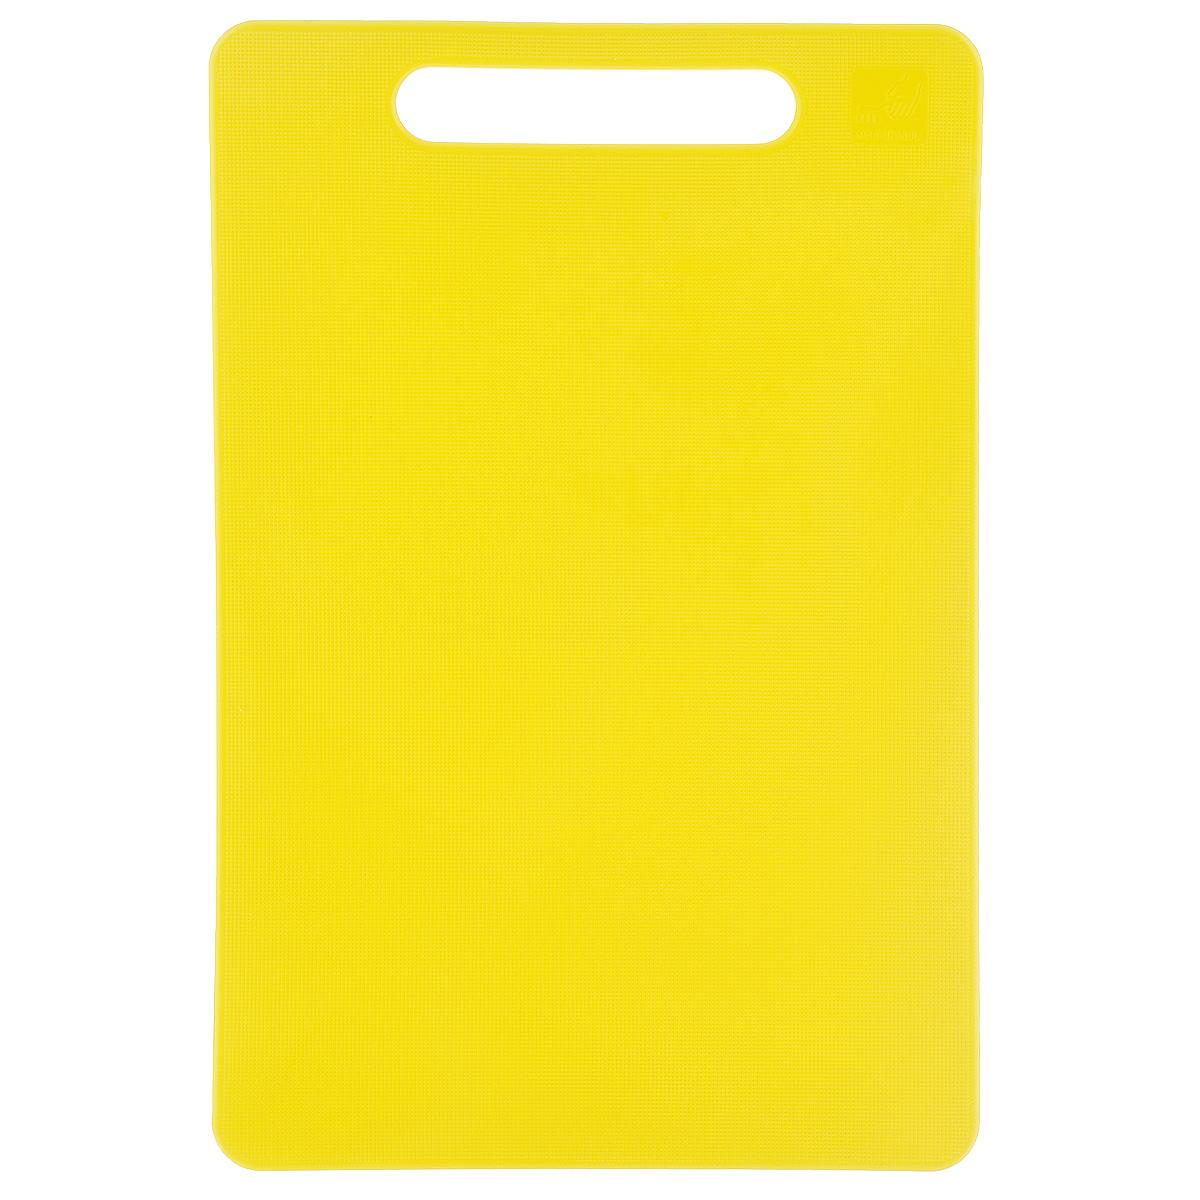 Доска разделочная Kesper, цвет: желтый, 24 х 15 см3046-2Яркая разделочная доска Kesper прекрасно подходит для разделки всех видов пищевых продуктов. Изготовлена из одноцветного прочного пластика. Изделие оснащено отверстием для подвешивания на крючок.Можно мыть в посудомоечной машине.